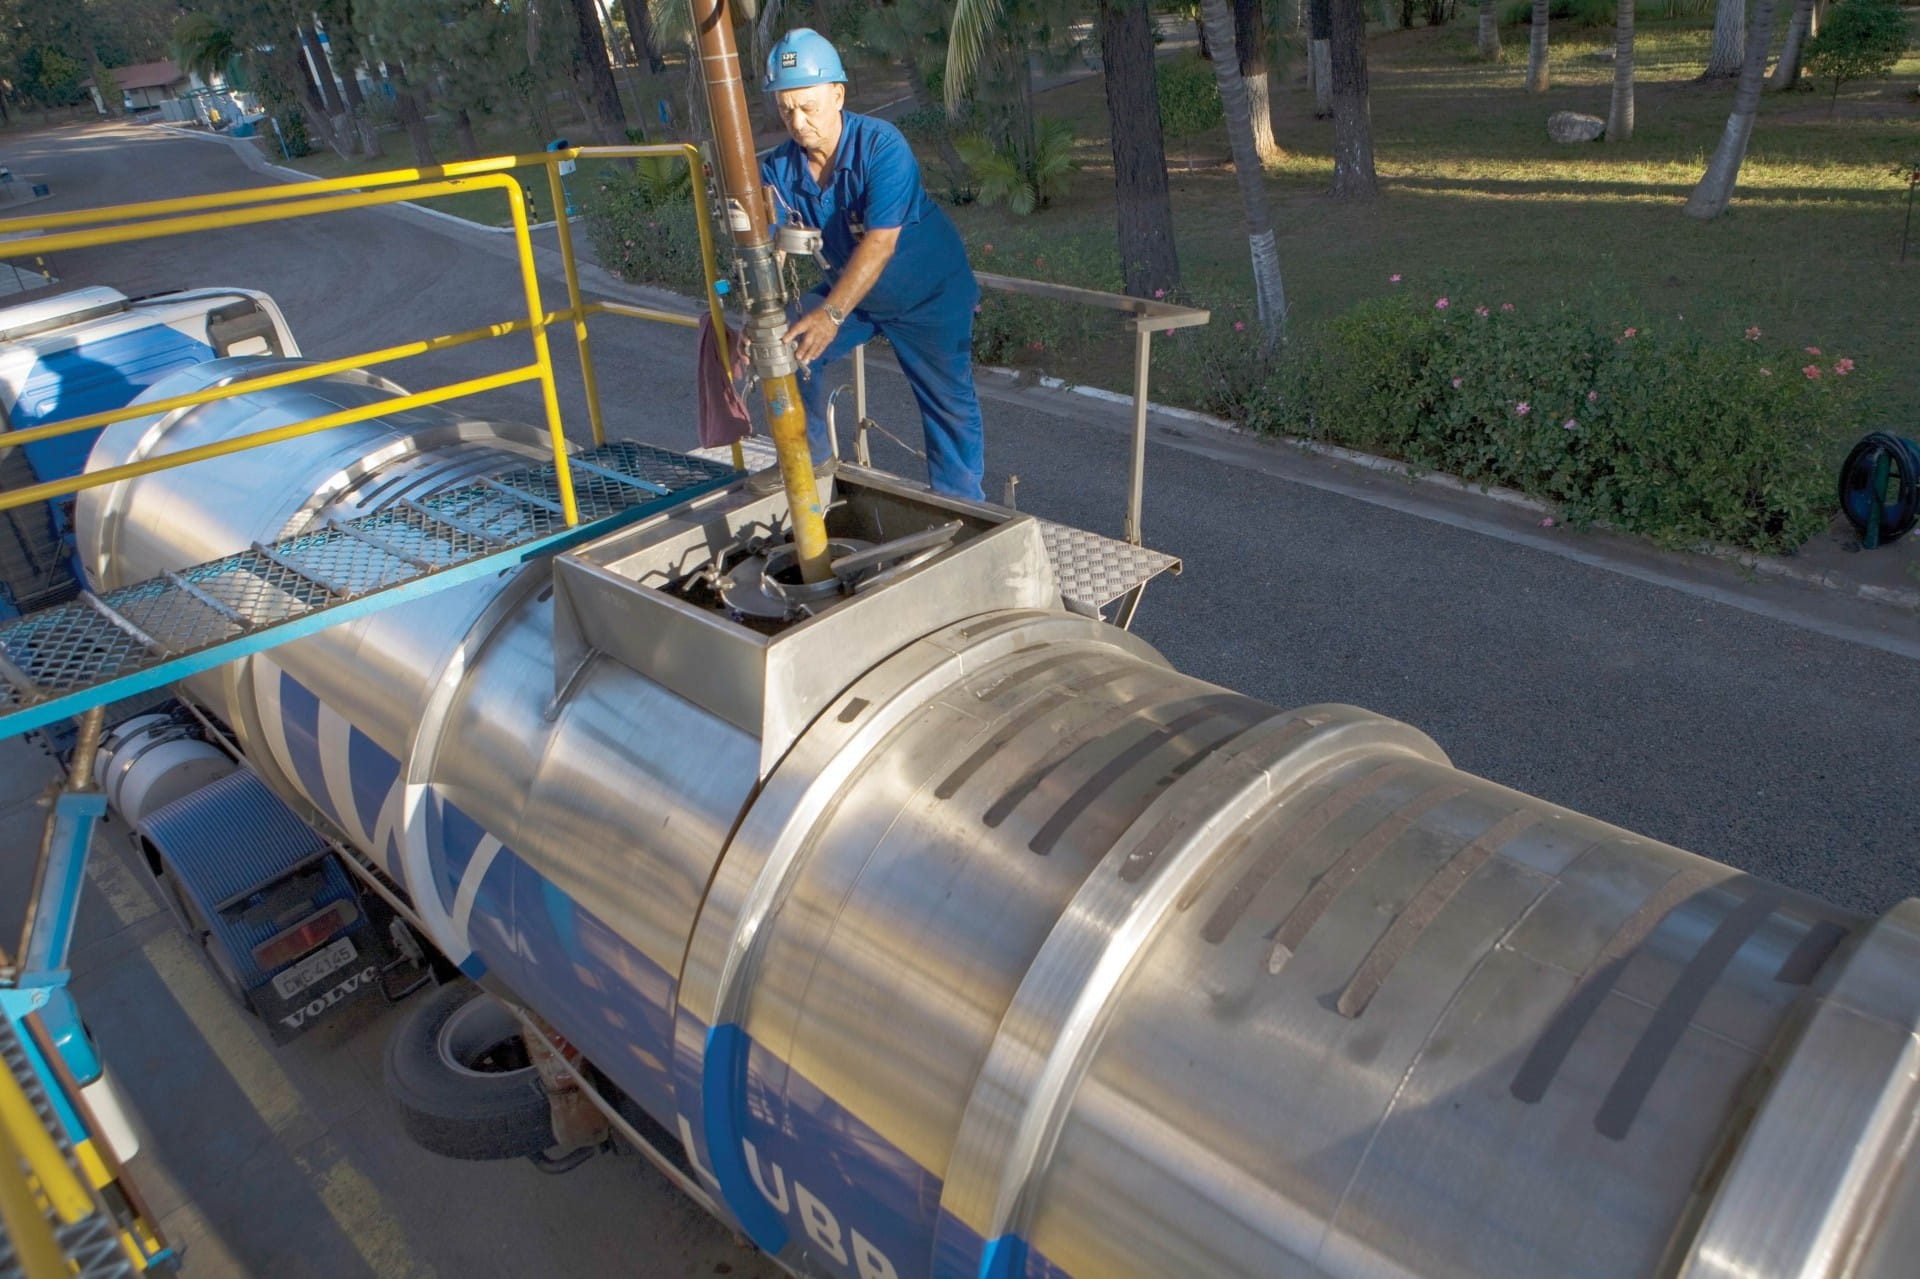 óleo lubrificante - preço - rerrefino - sustentabilidade - refinaria - coleta - óleo usado - agronegócio